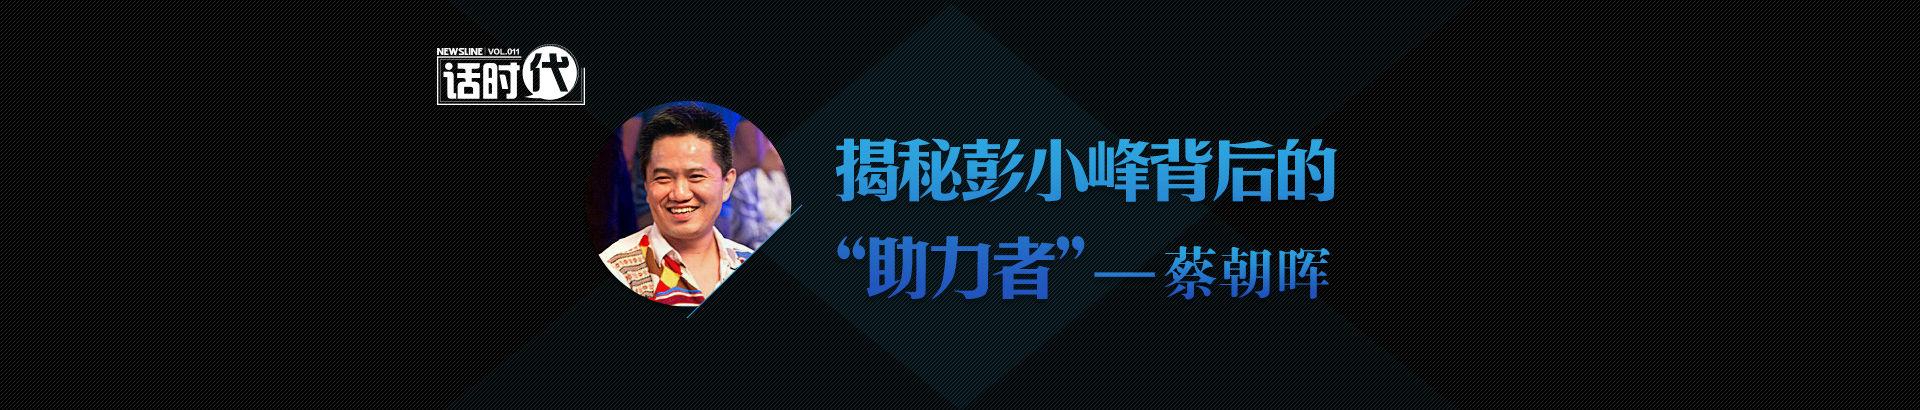 """【话时代Vol.011】揭秘彭小峰背后的""""助力者"""""""